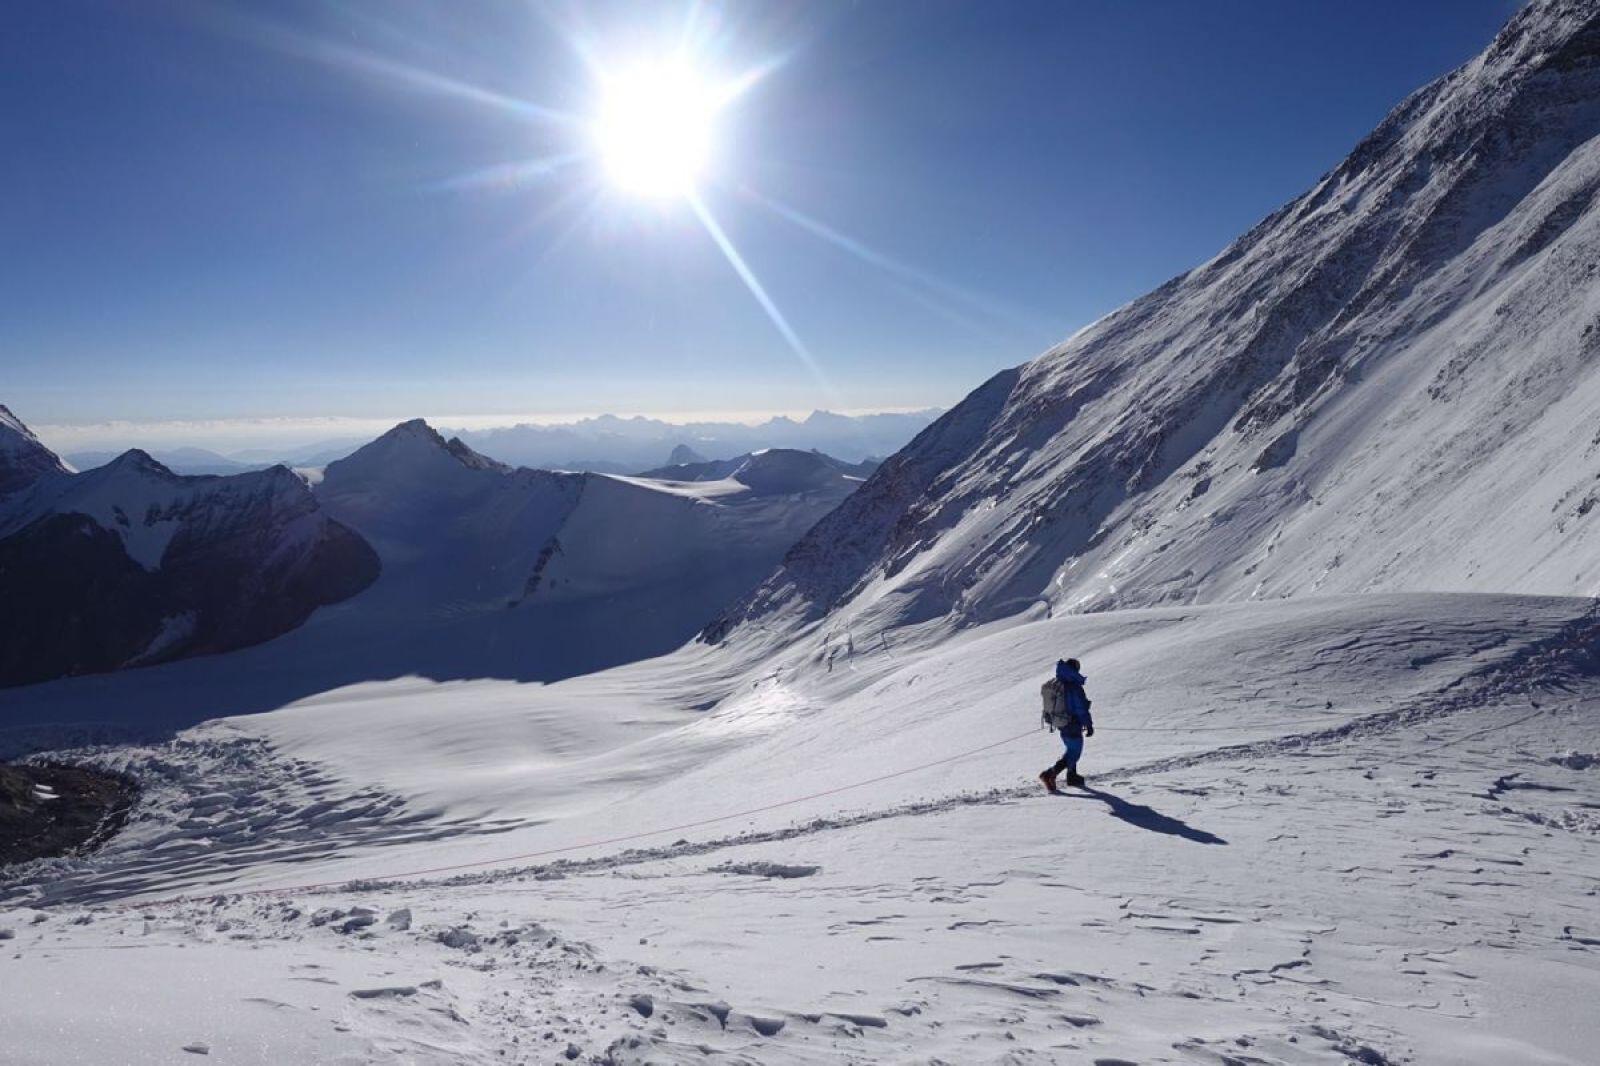 Adrian Ballinger Everest